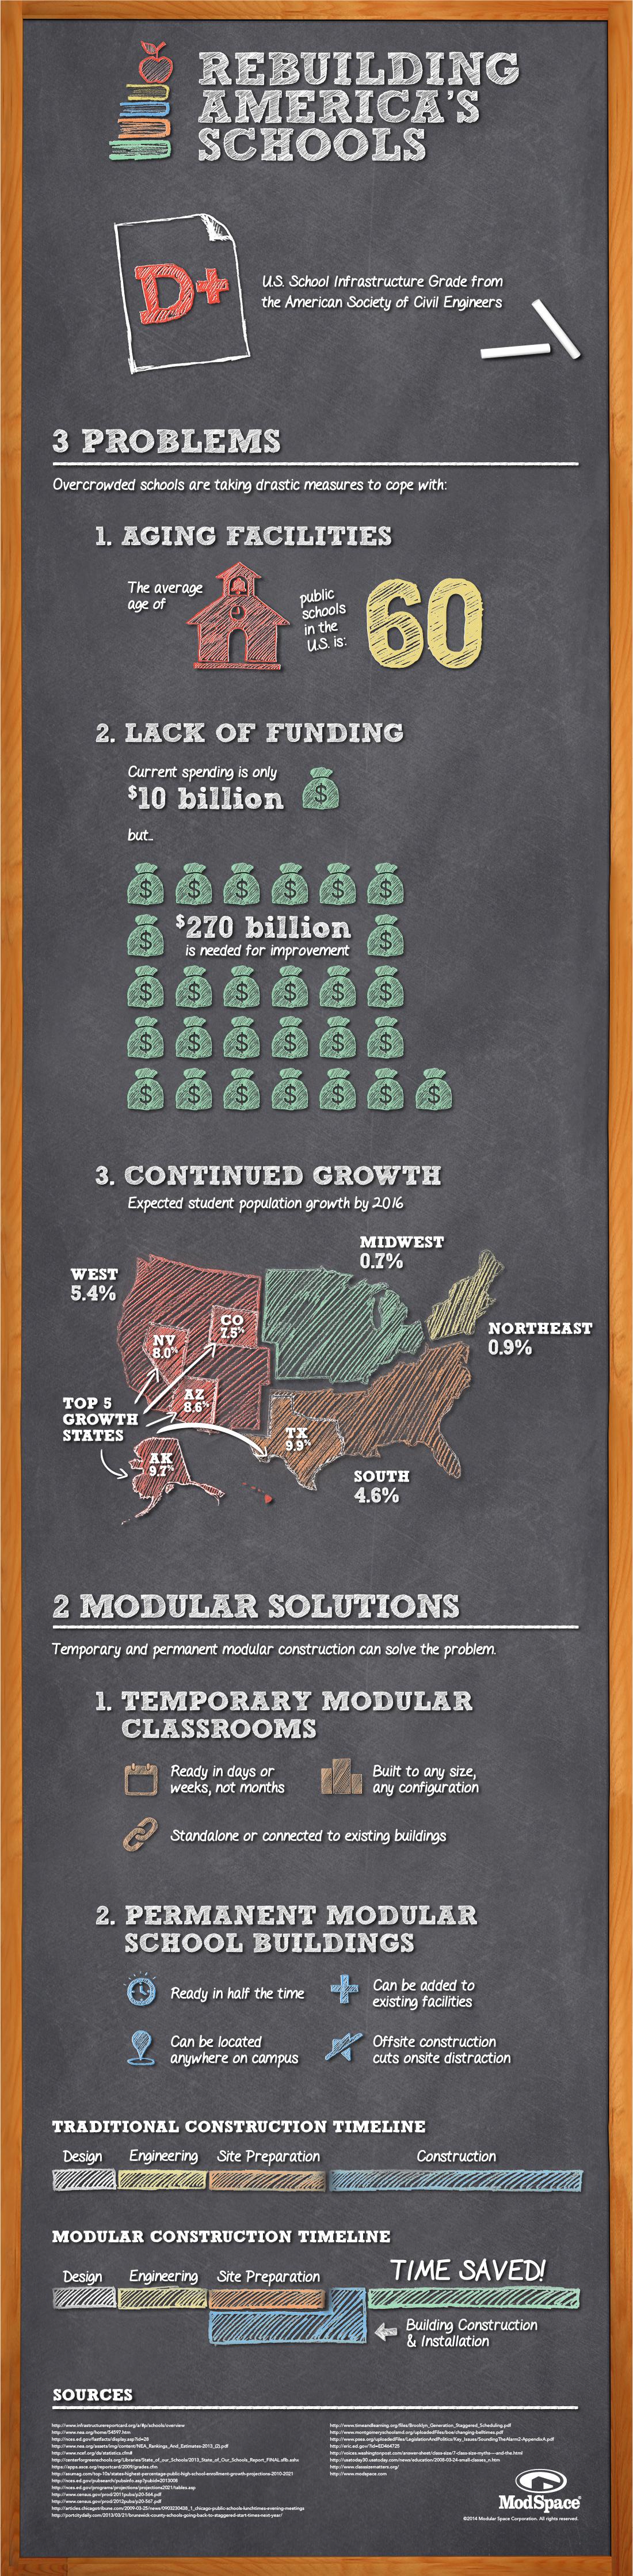 Rebuilding America's Schools